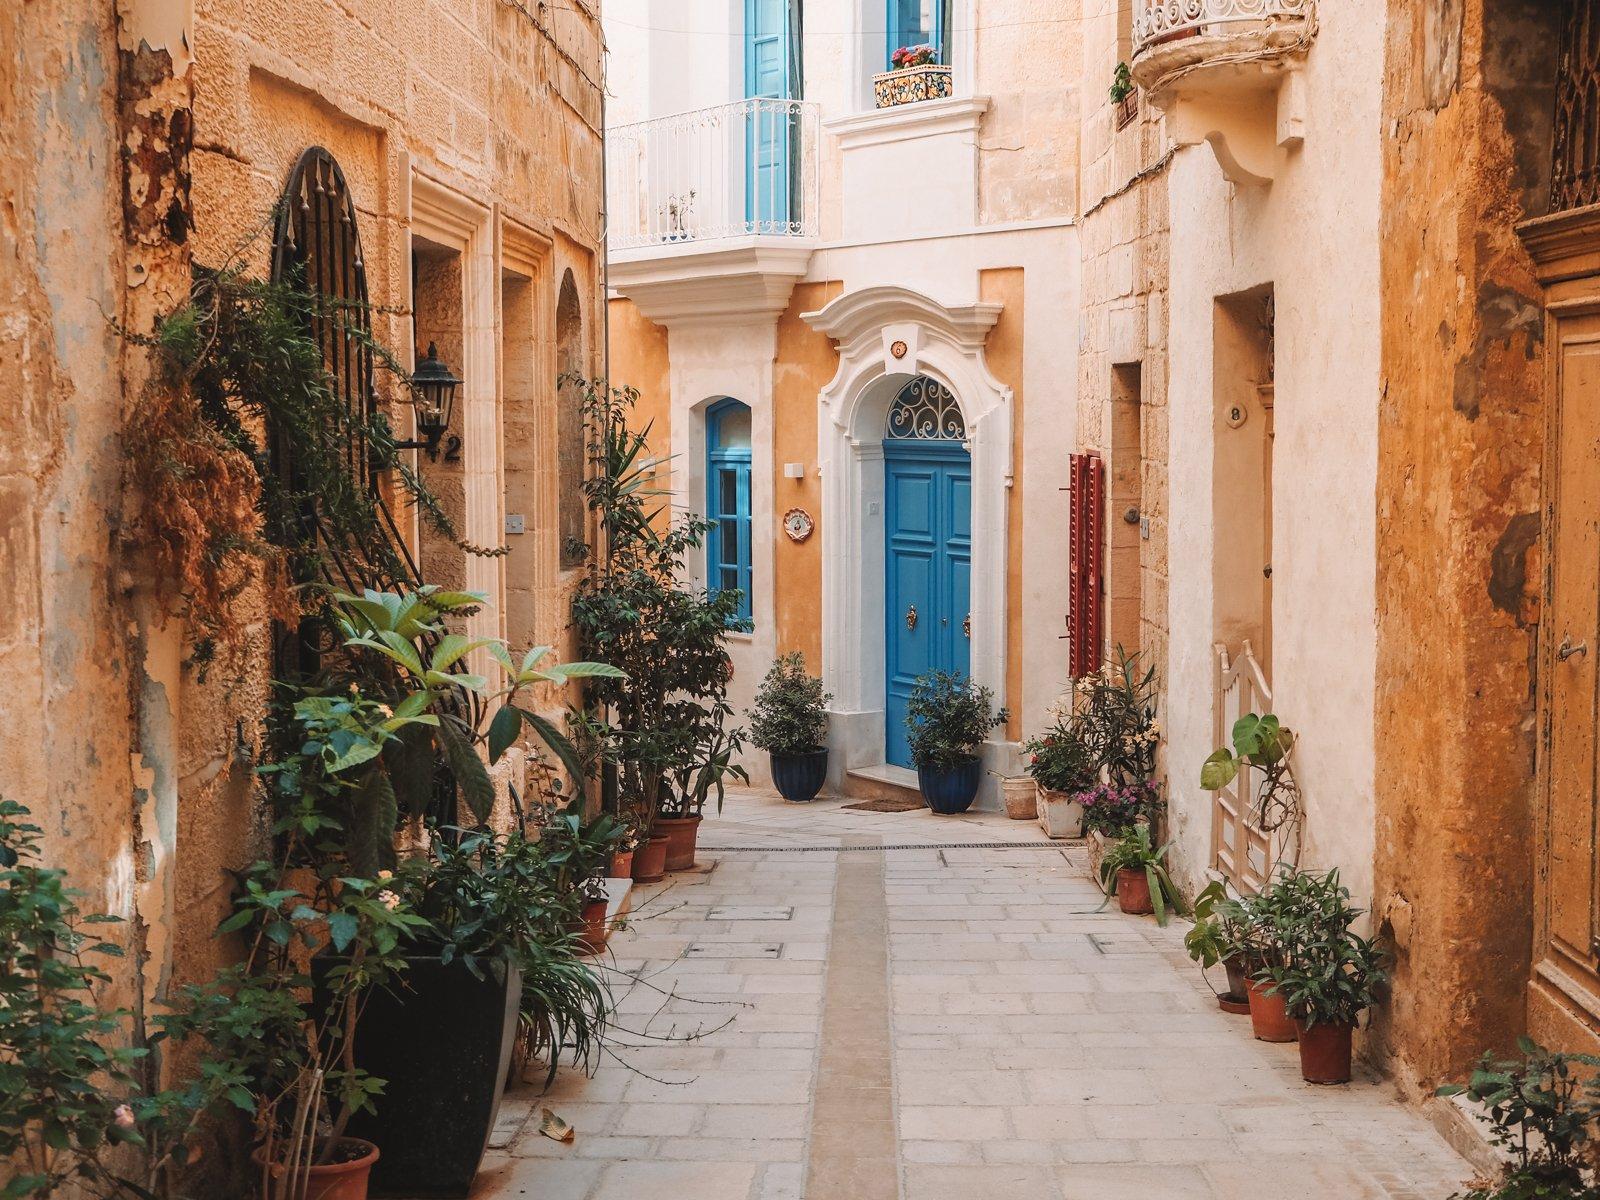 Hier vind je de leukste bezienswaardigheden voor Malta inclusief een hoop tips voor wat te doen op dit heerlijke eiland